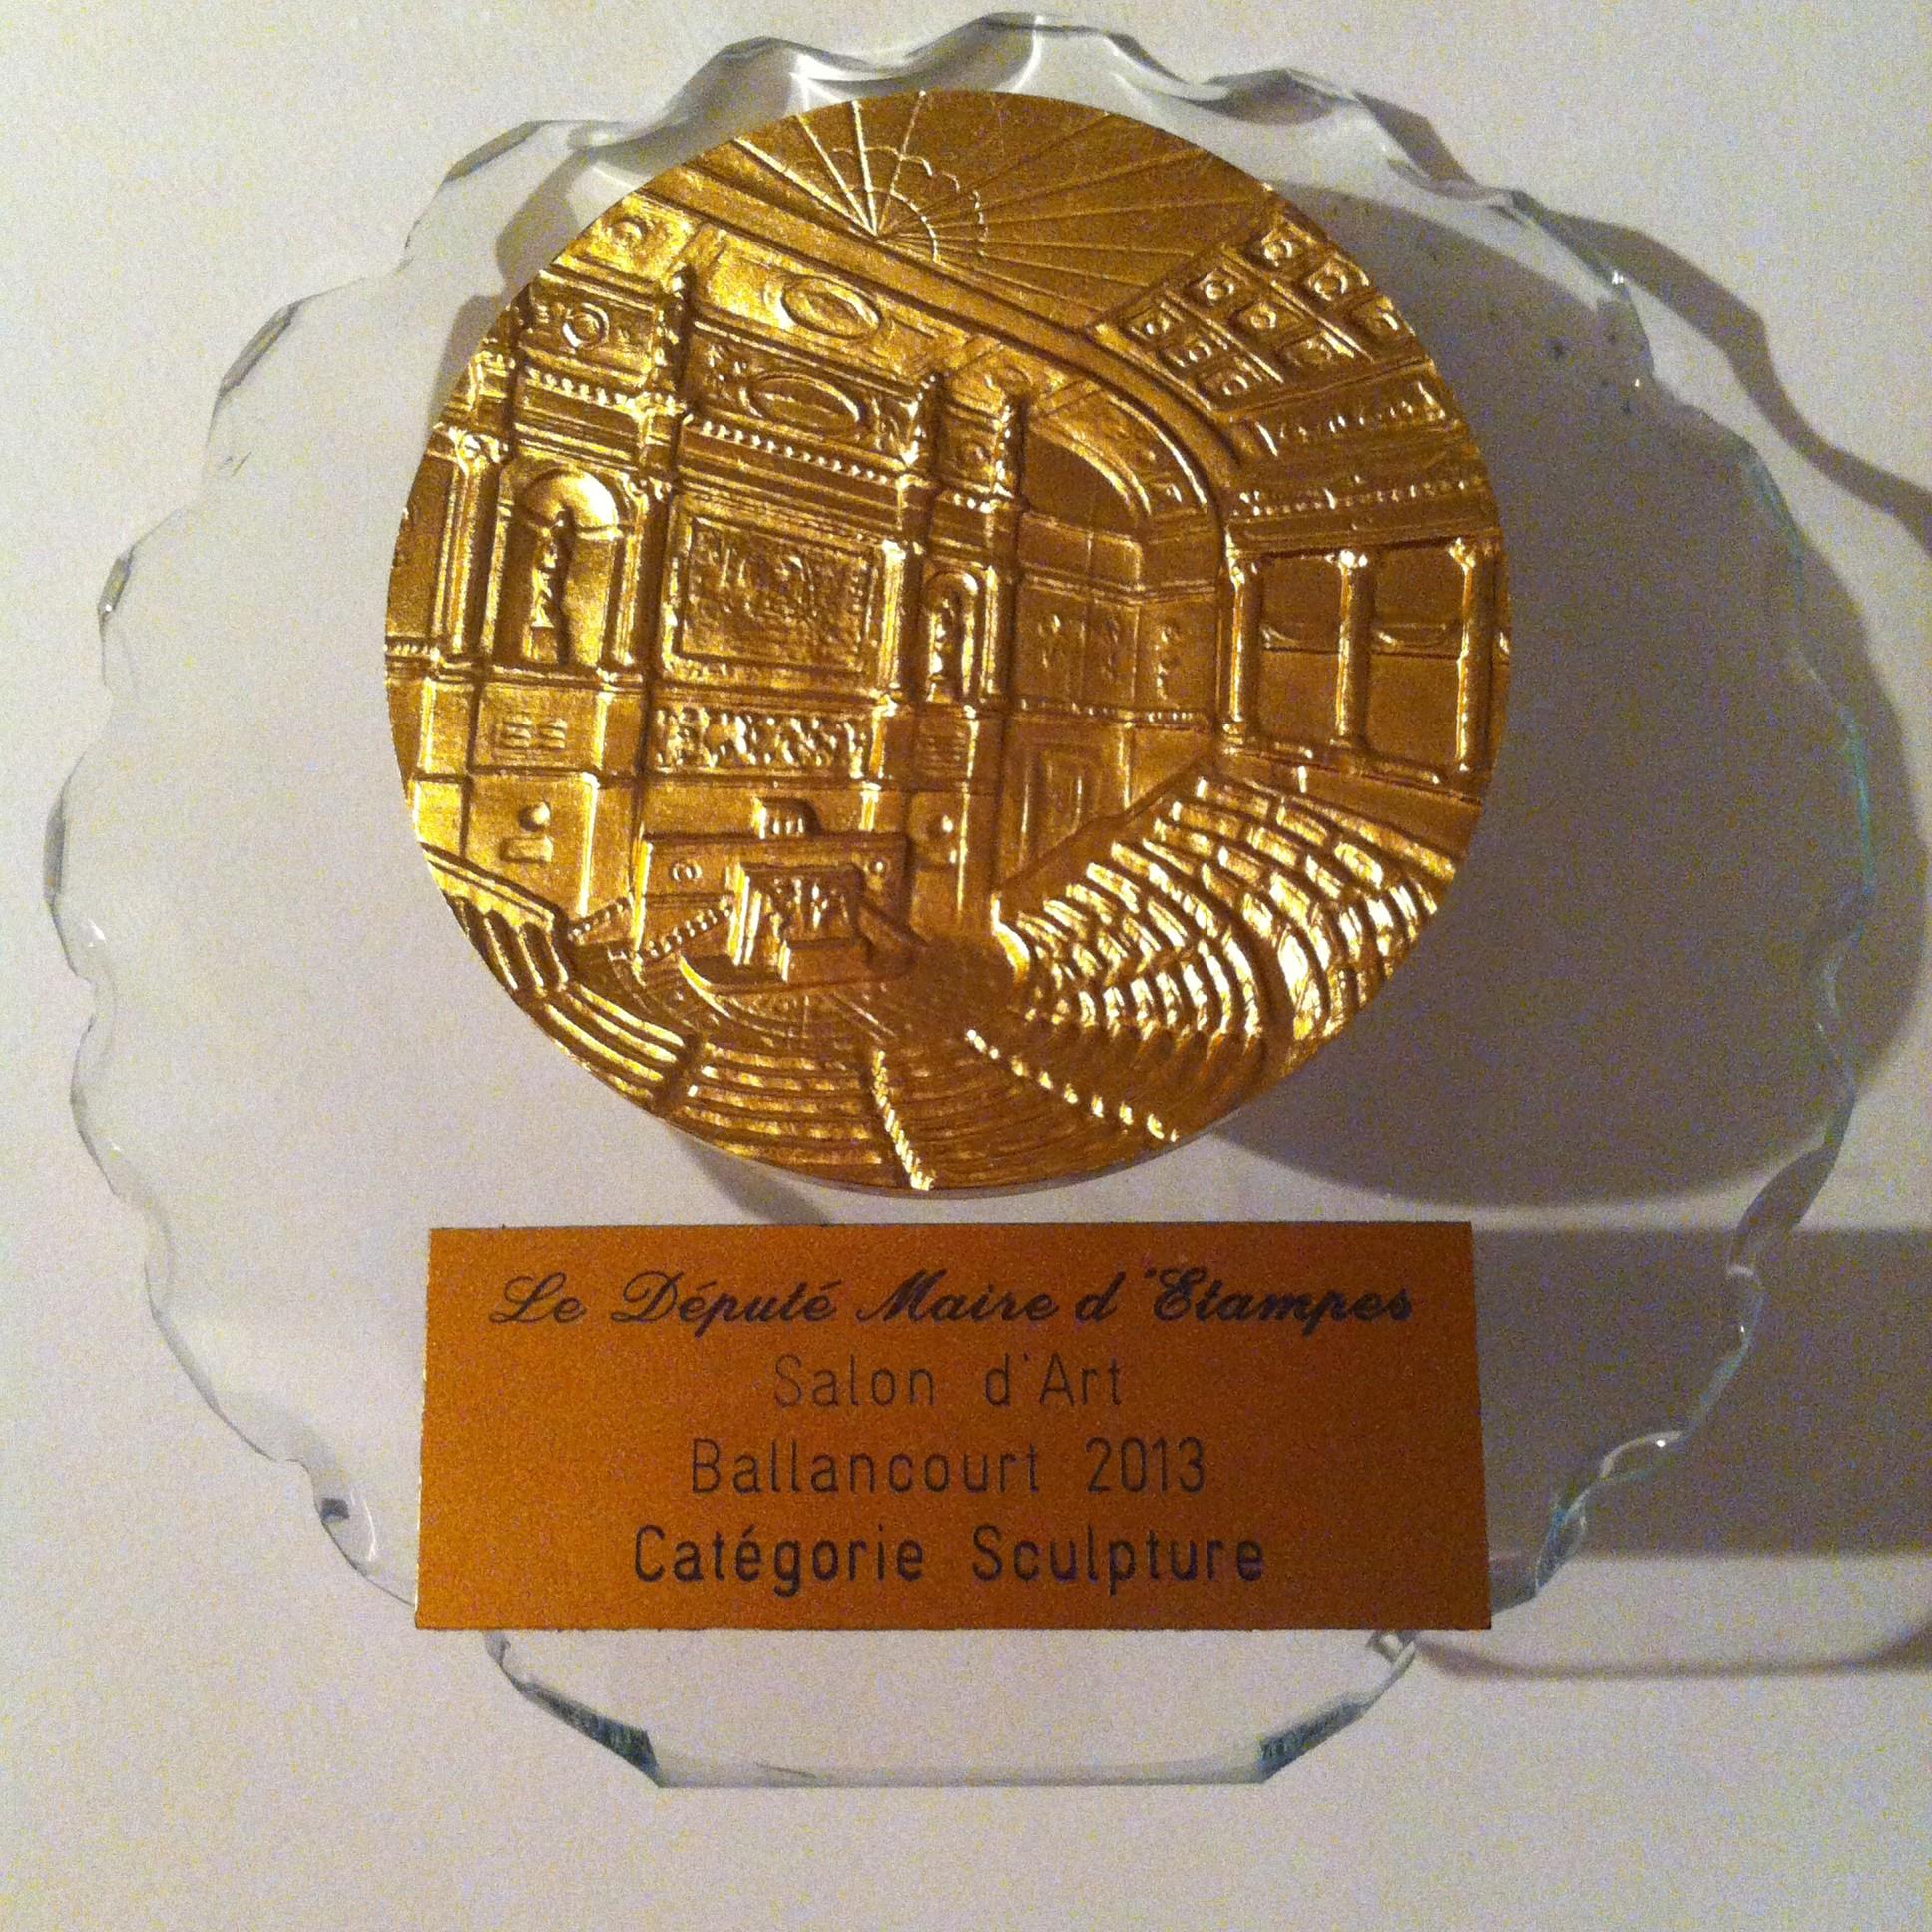 Prix Assemblée Nationale catégorie sculpture Salon d'art, Ballancourt 2013